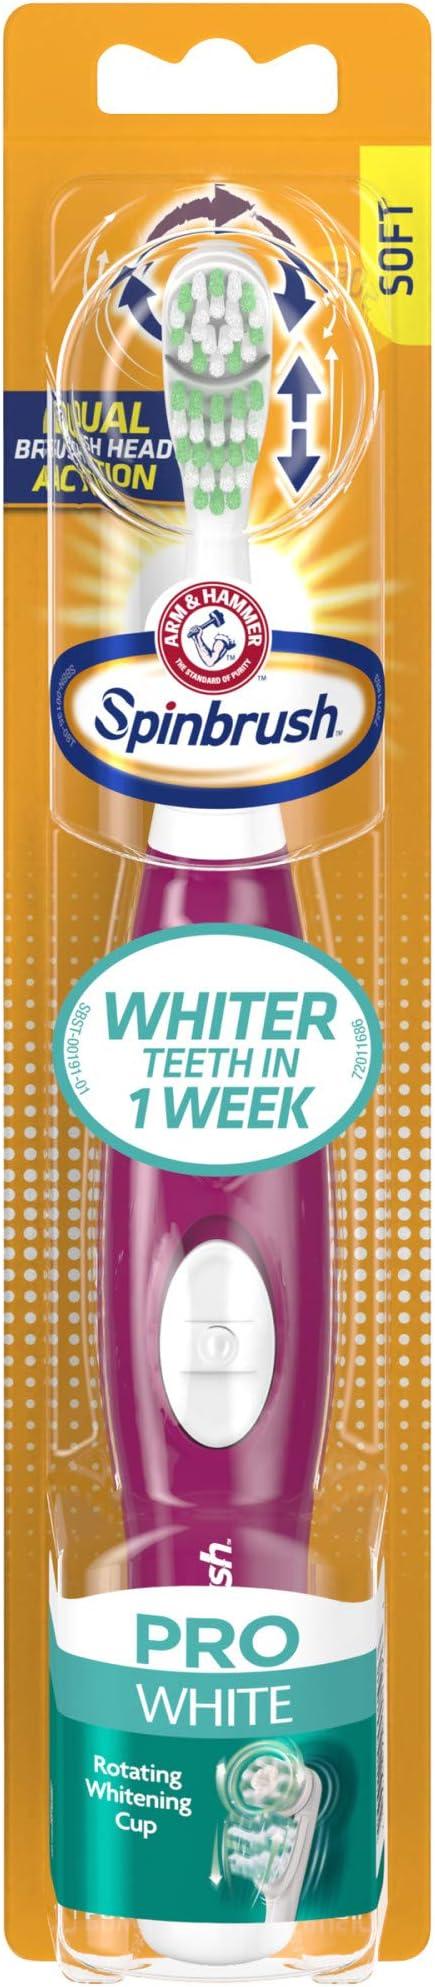 Arm & Hammer Spinbrush Pro White Battery Toothbrush